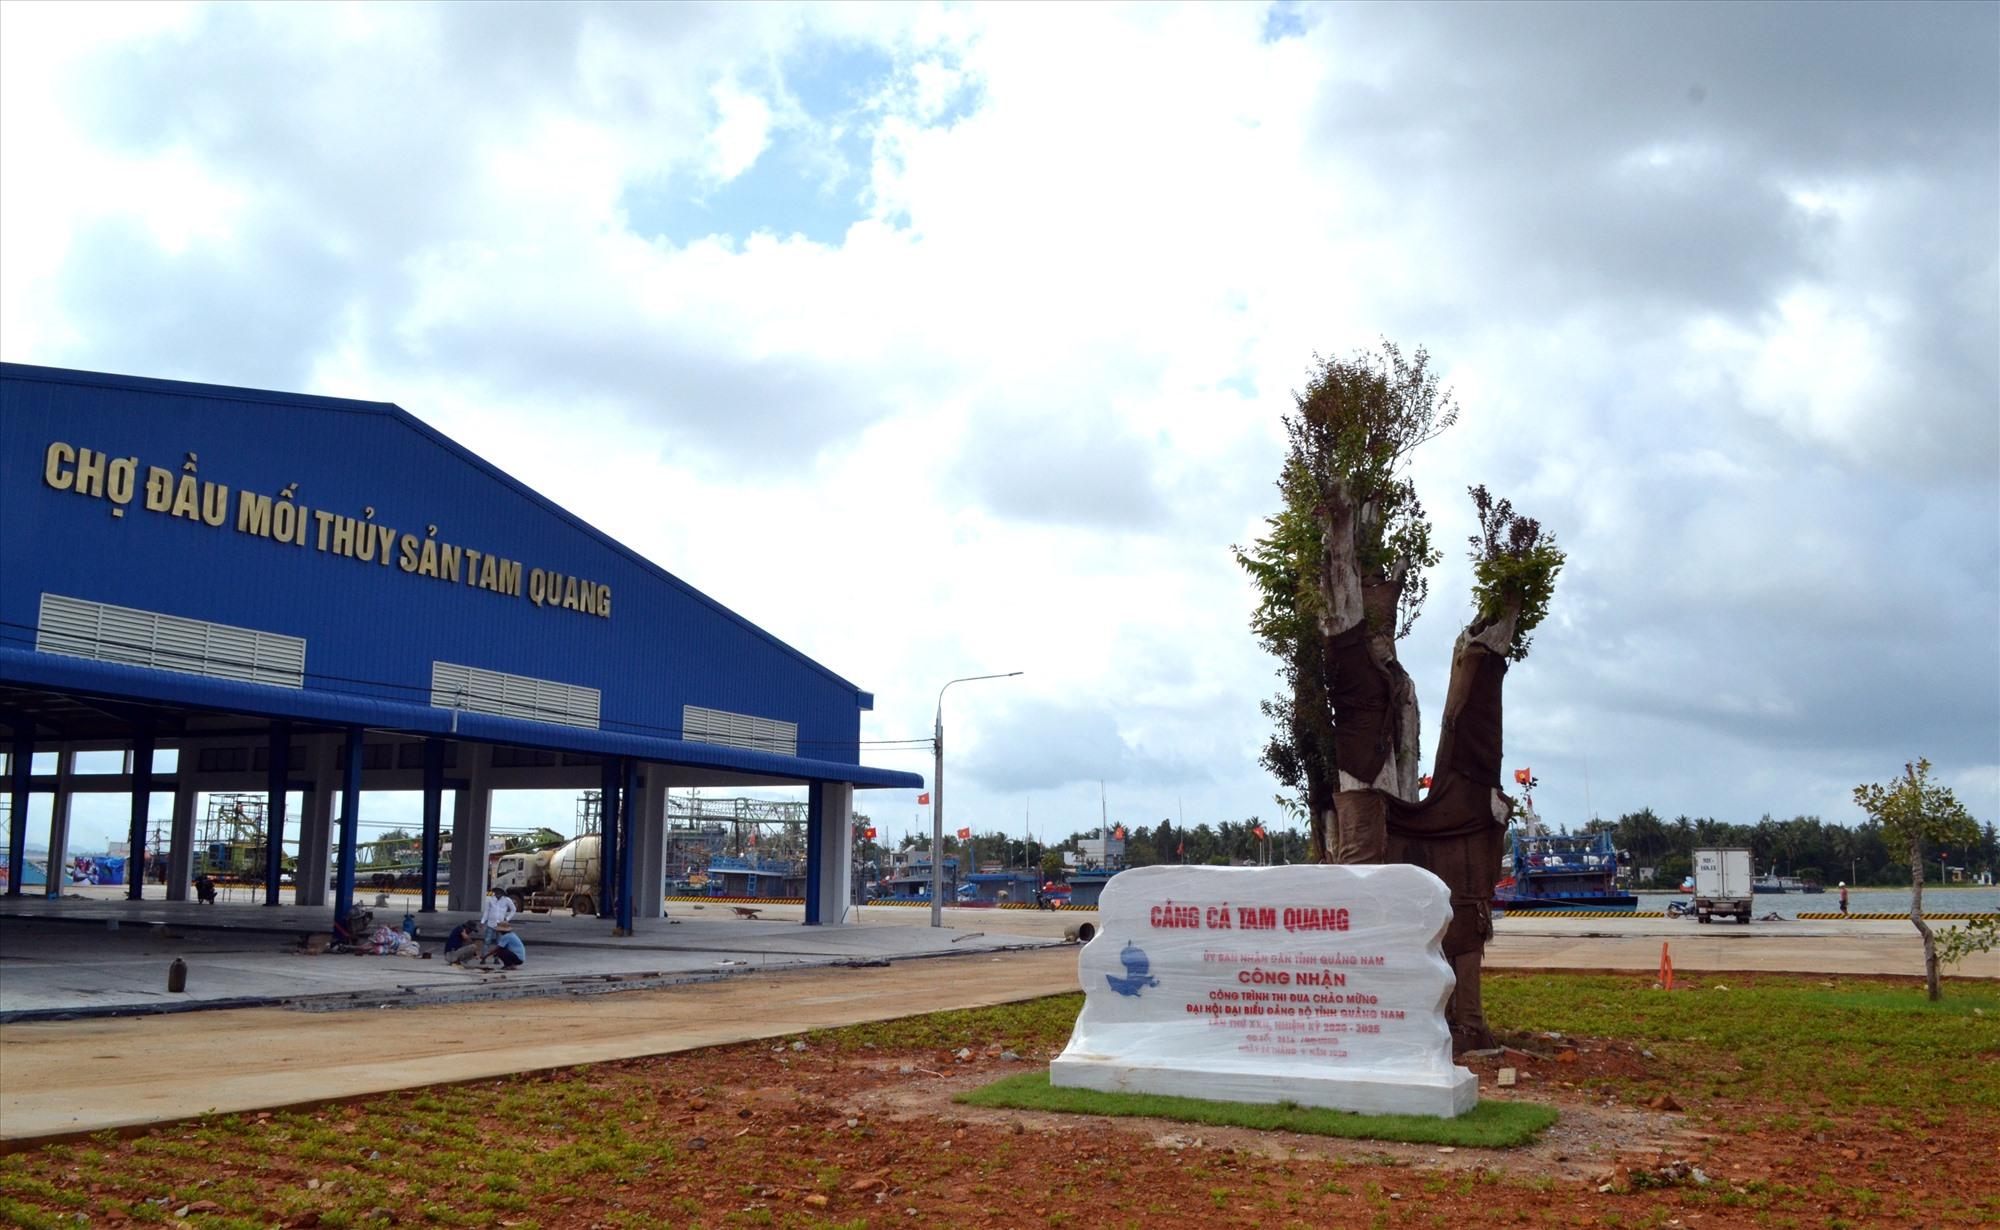 Cảng cá Tam Quang là công trình thi đua chào mừng Đại hội đại biểu Đảng bộ tỉnh lần thứ XXII. Ảnh: VIỆT NGUYỄN